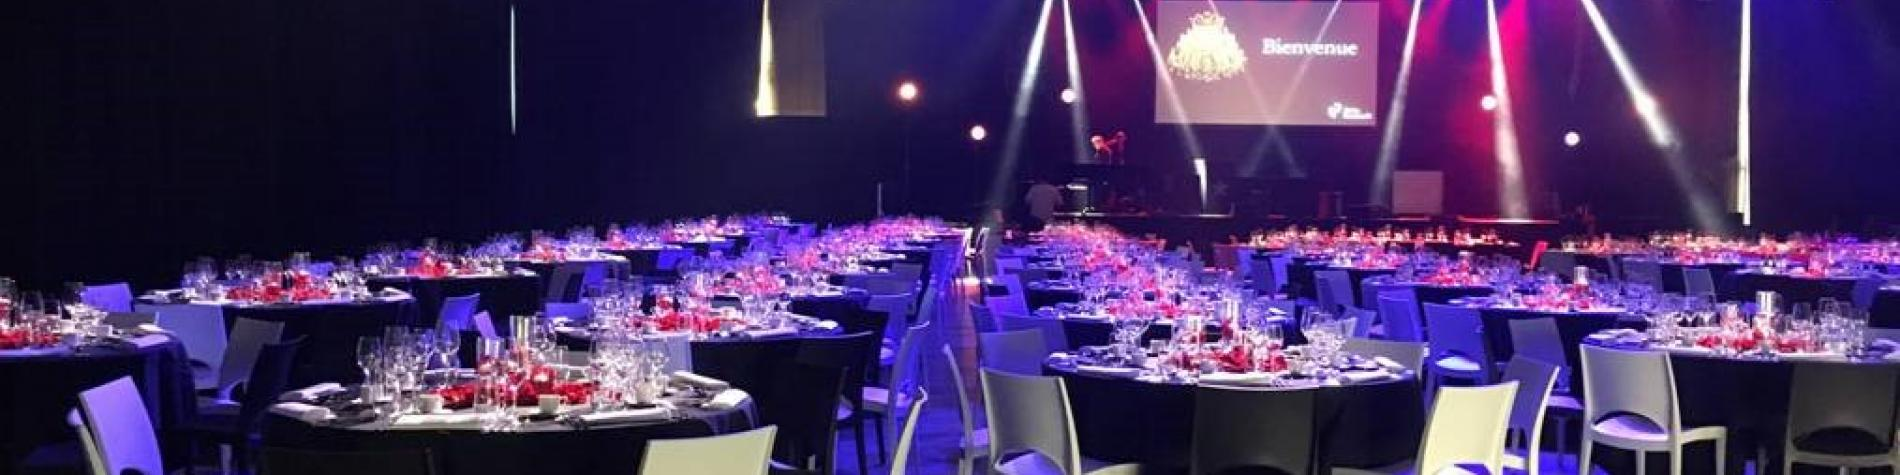 salle de réception lumière bleue et rouge en Wallonie à Liège. Palais des congrès